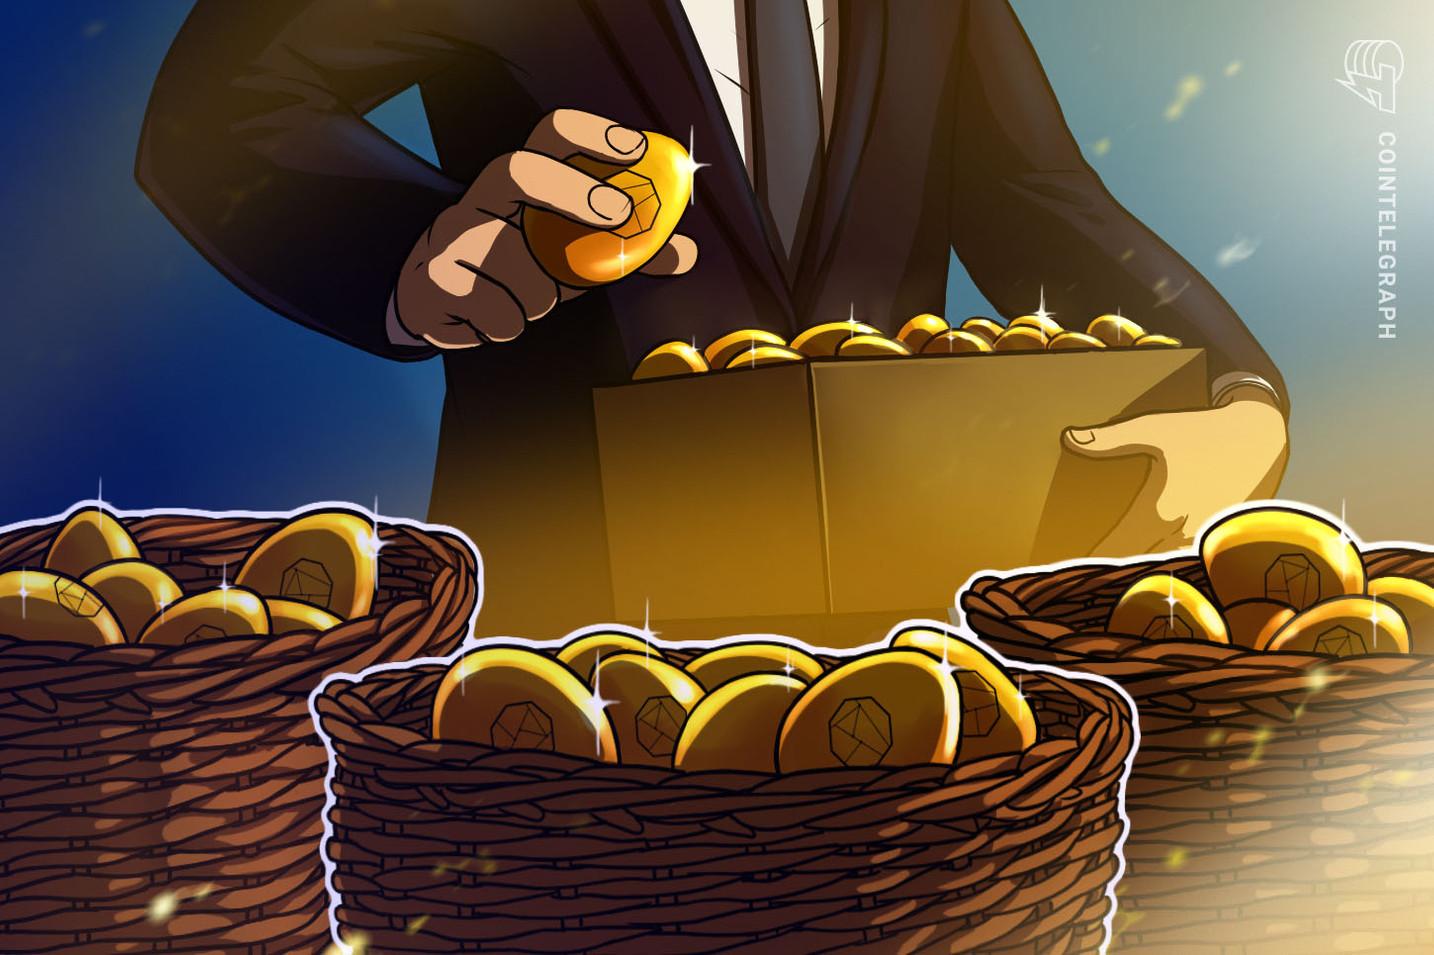 منصة مؤتمتة تساعد المستخدمين اليوميين على الاستثمار مثل المحترفين